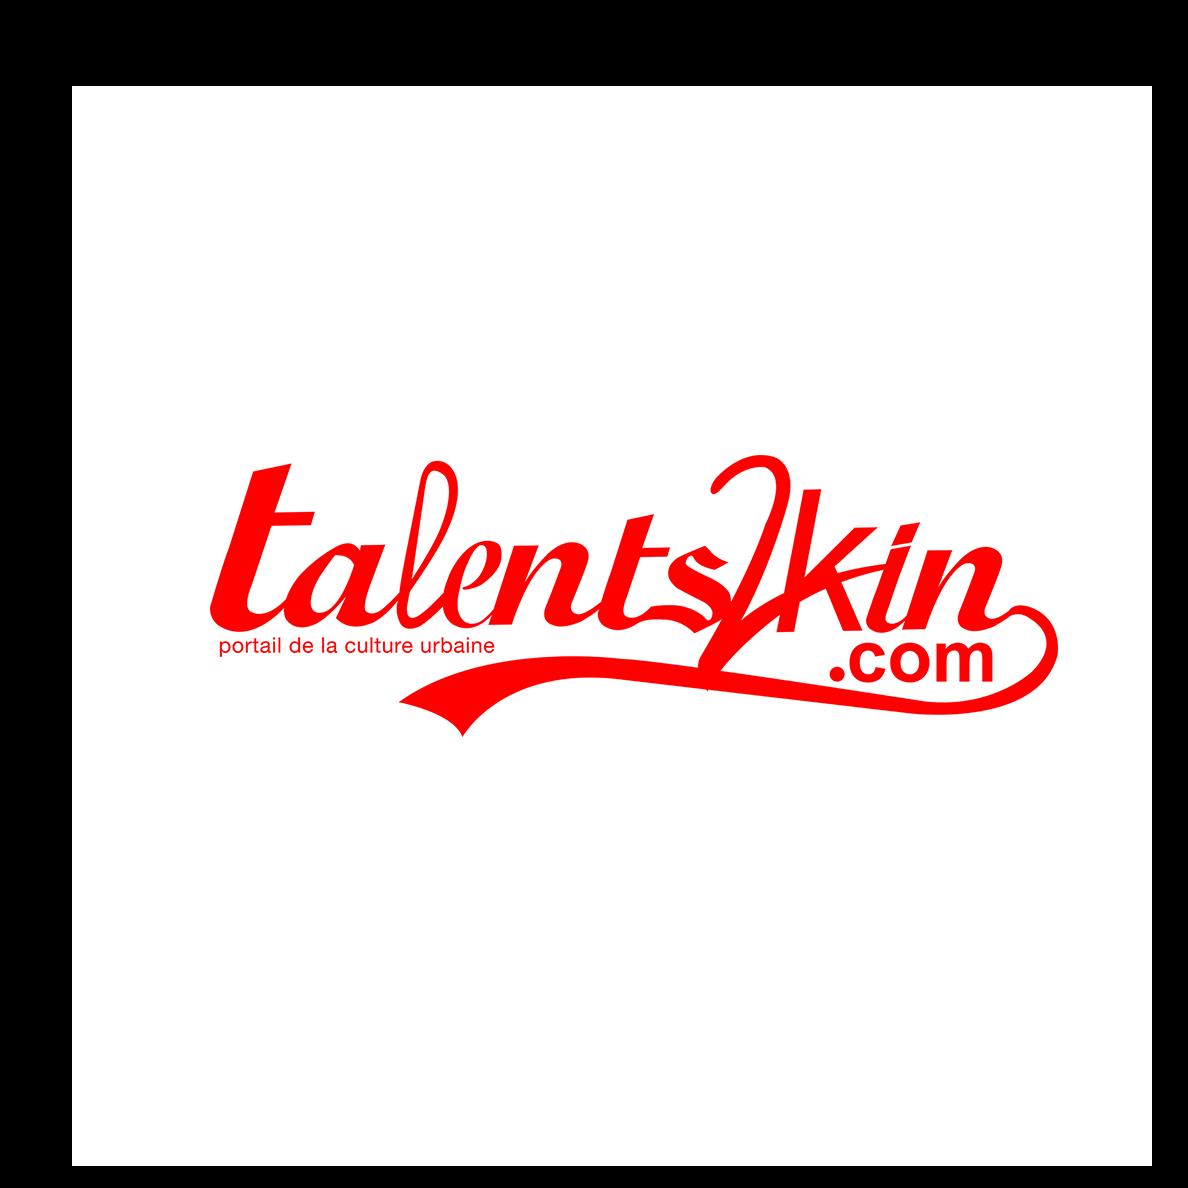 Talents2kin